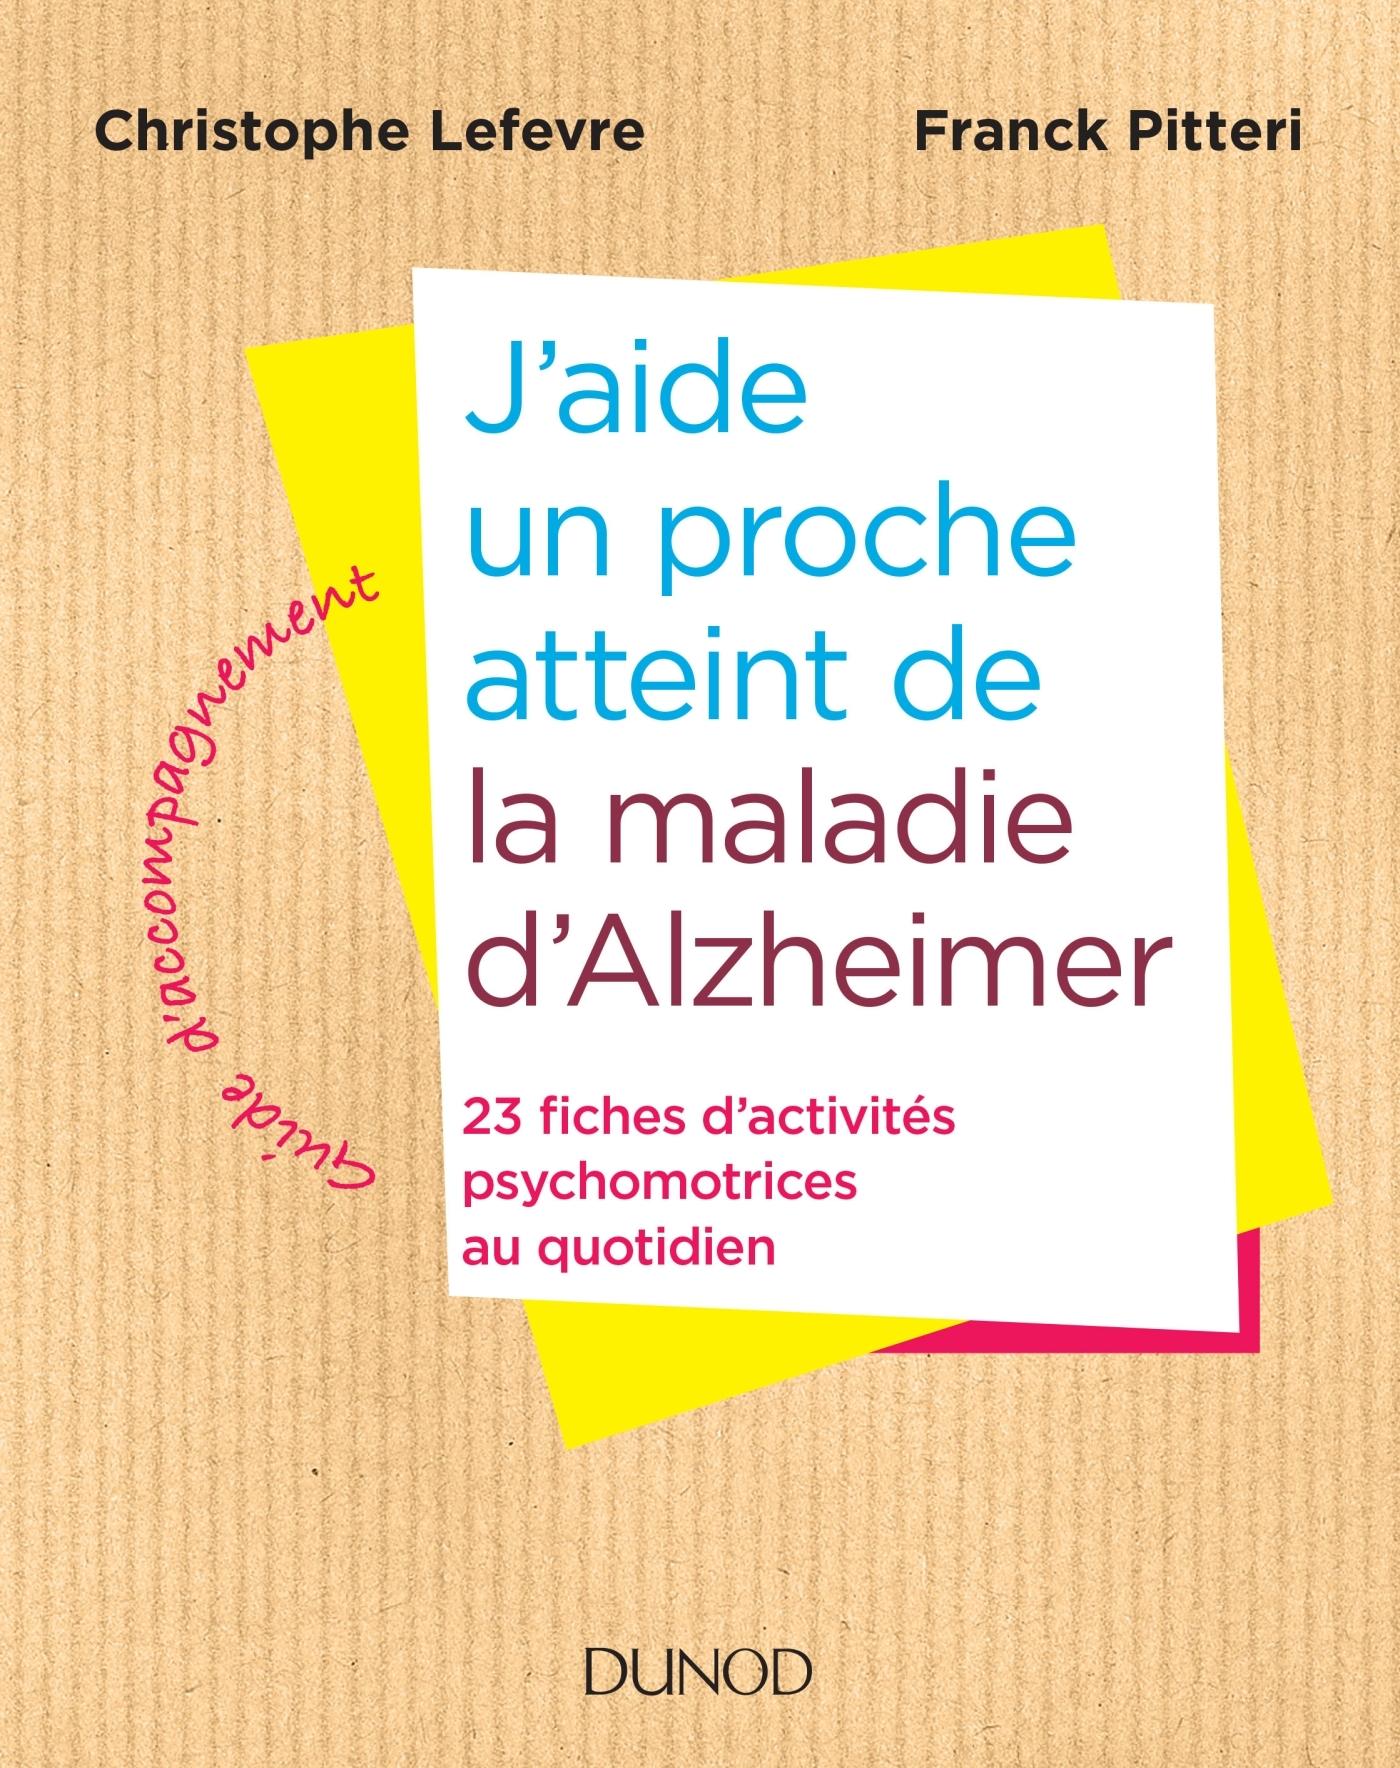 J'AIDE UN PROCHE ATTEINT DE LA MALADIE D'ALZHEIMER - 23 FICHES D'ACTIVITES AU QUOTIDIEN - 23 FICHES